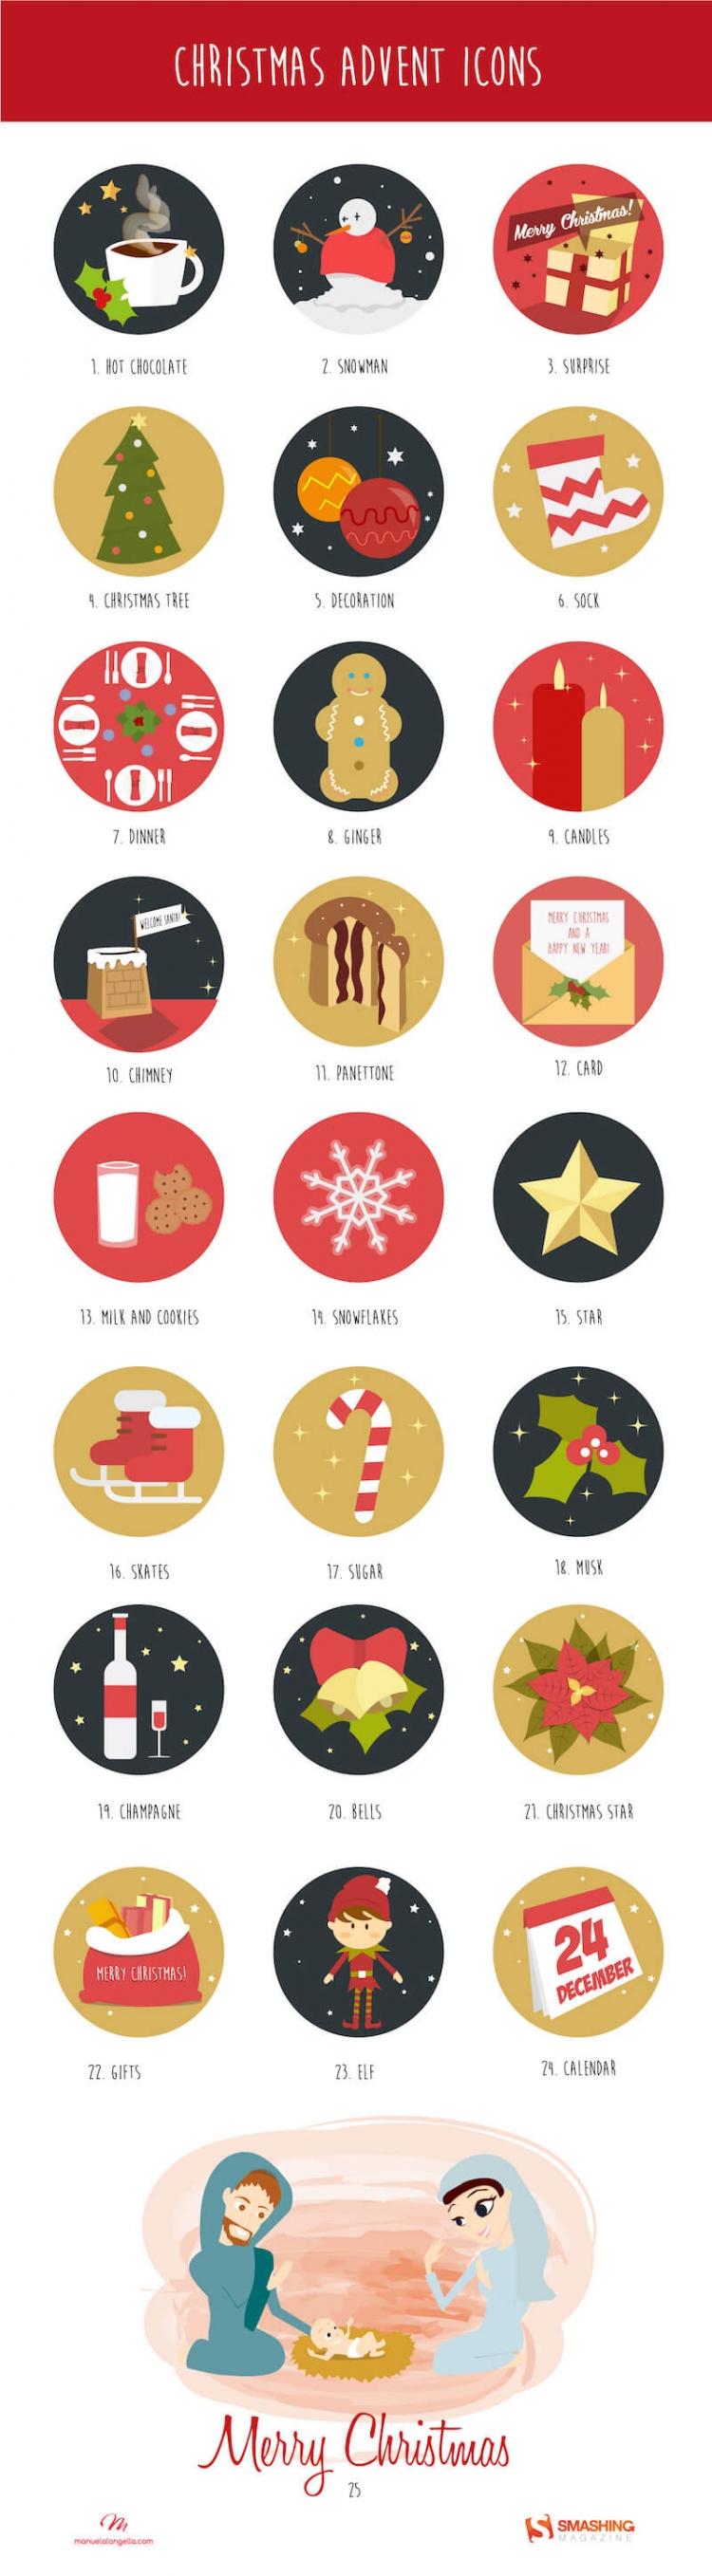 そのまま使えるクリスマスのアイコン25個セット